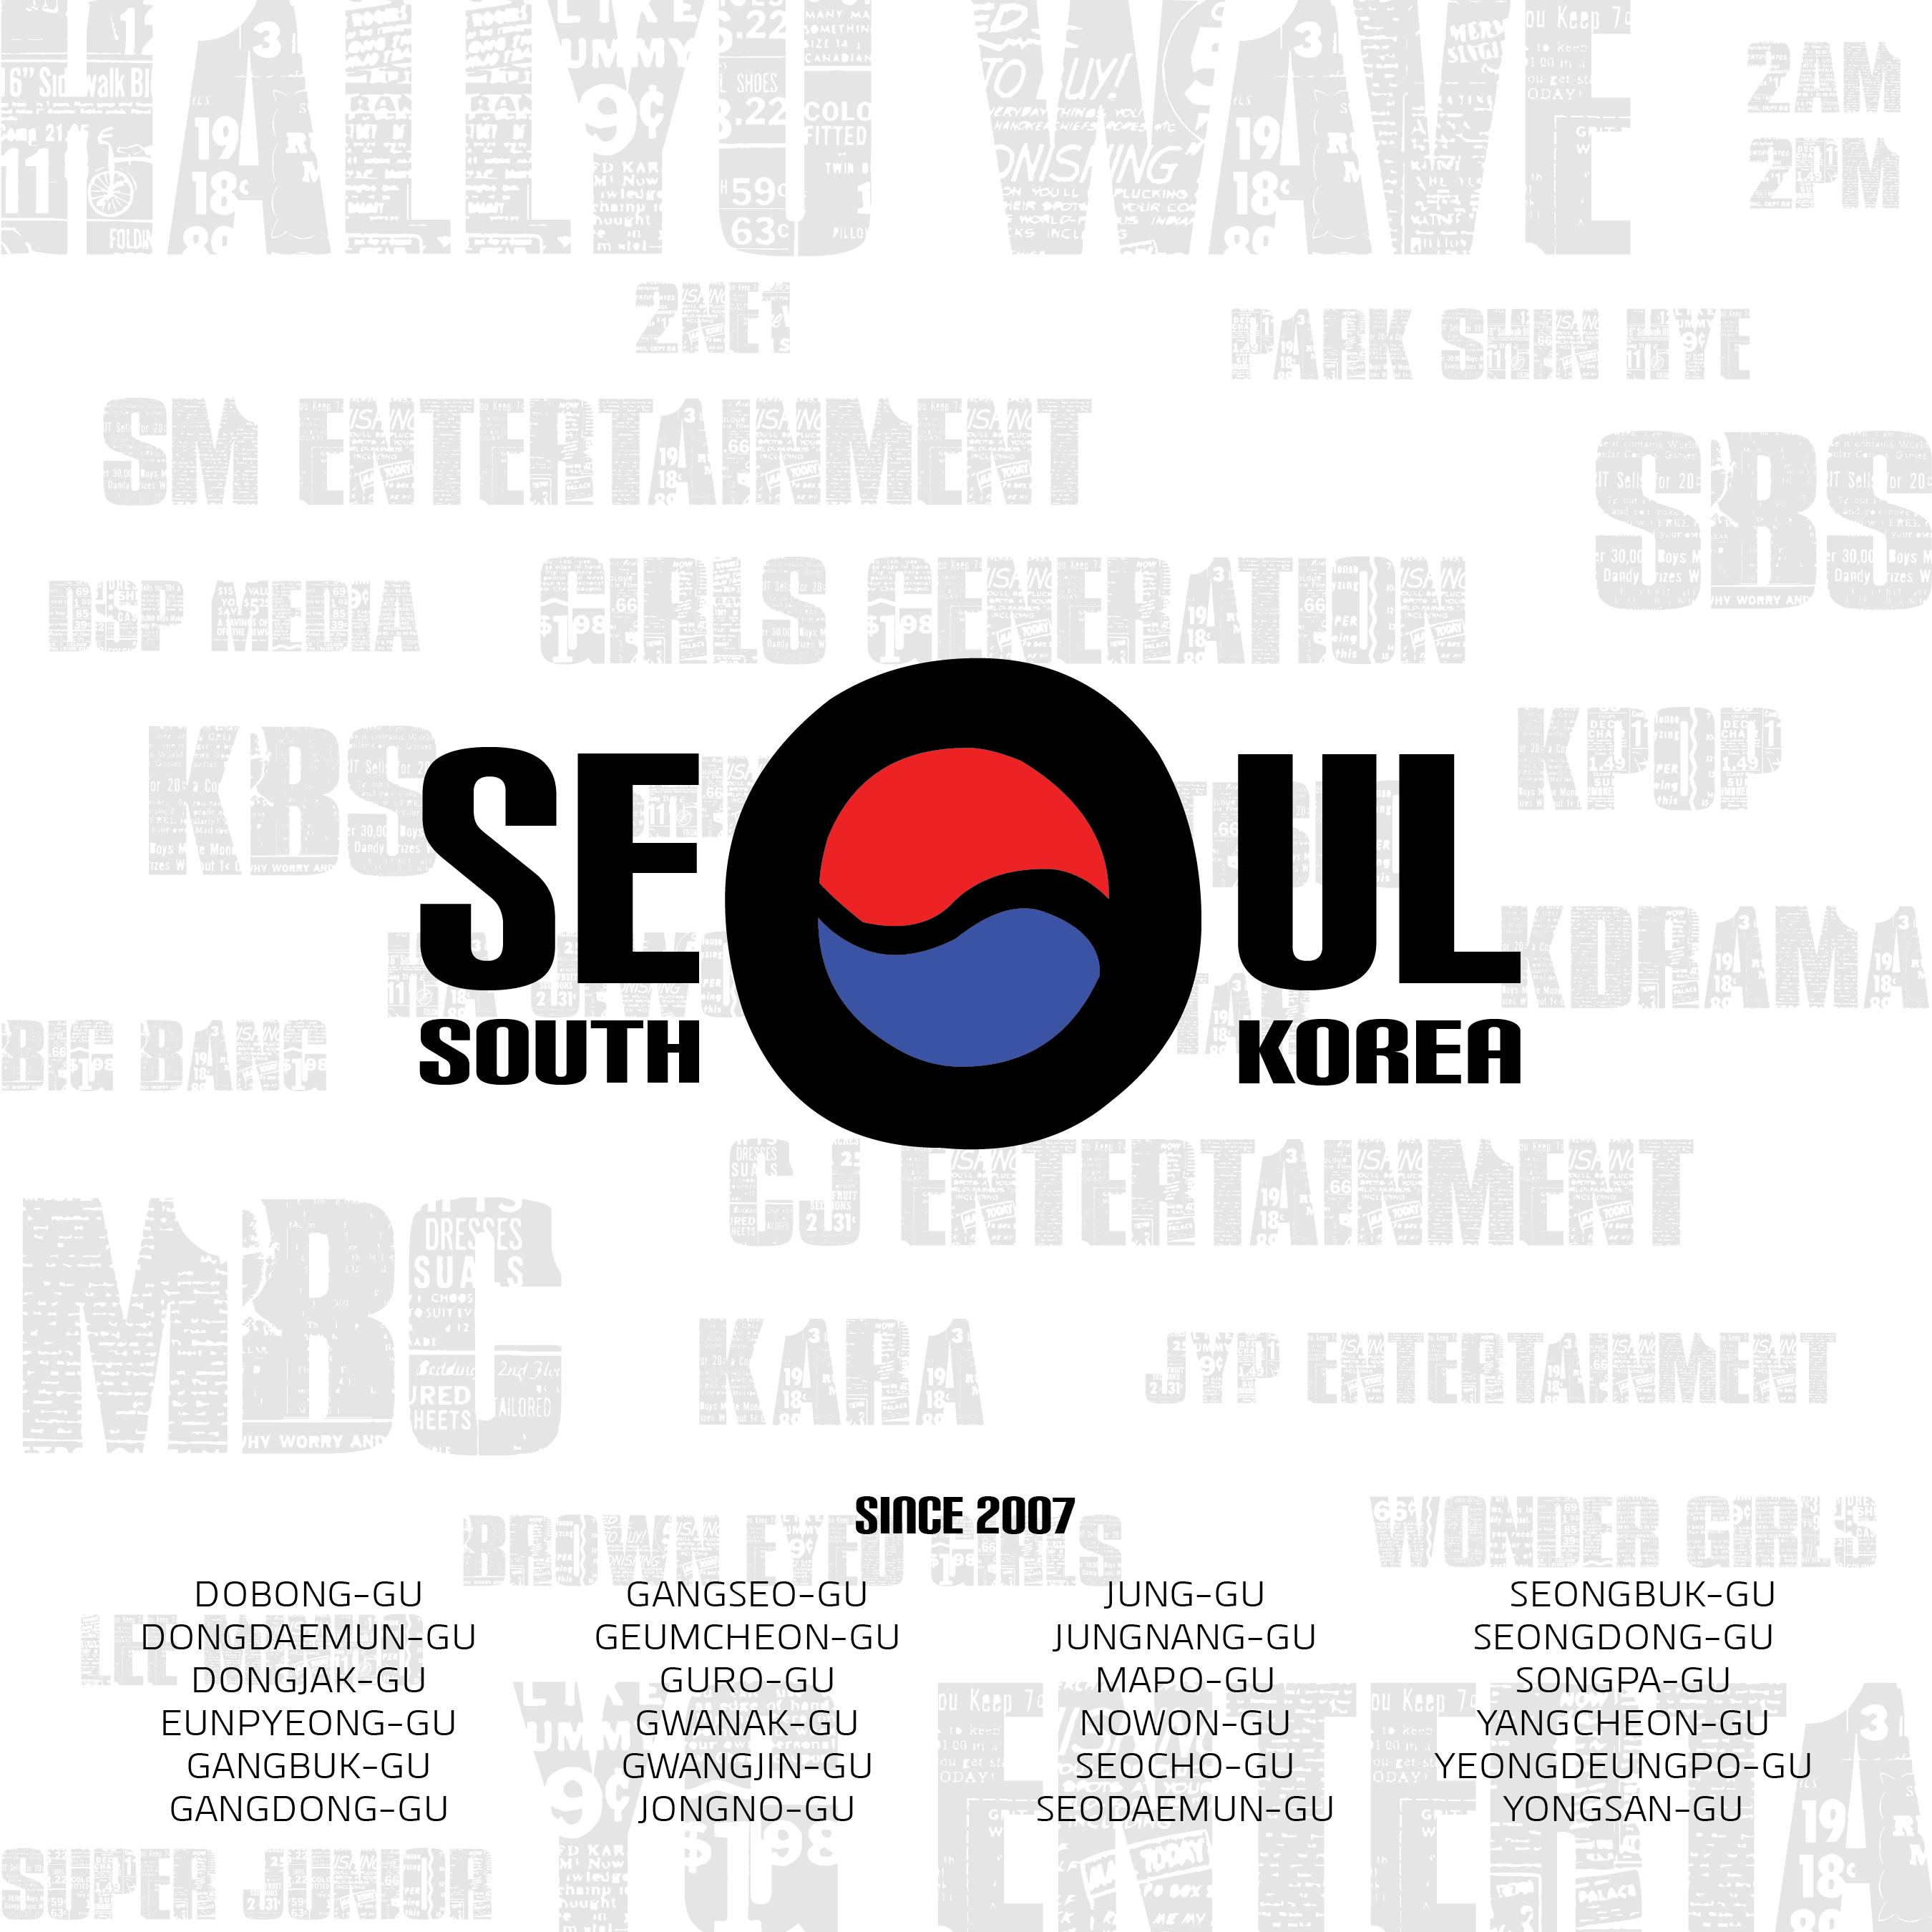 Seoul Typography Contest - Andrew Yee